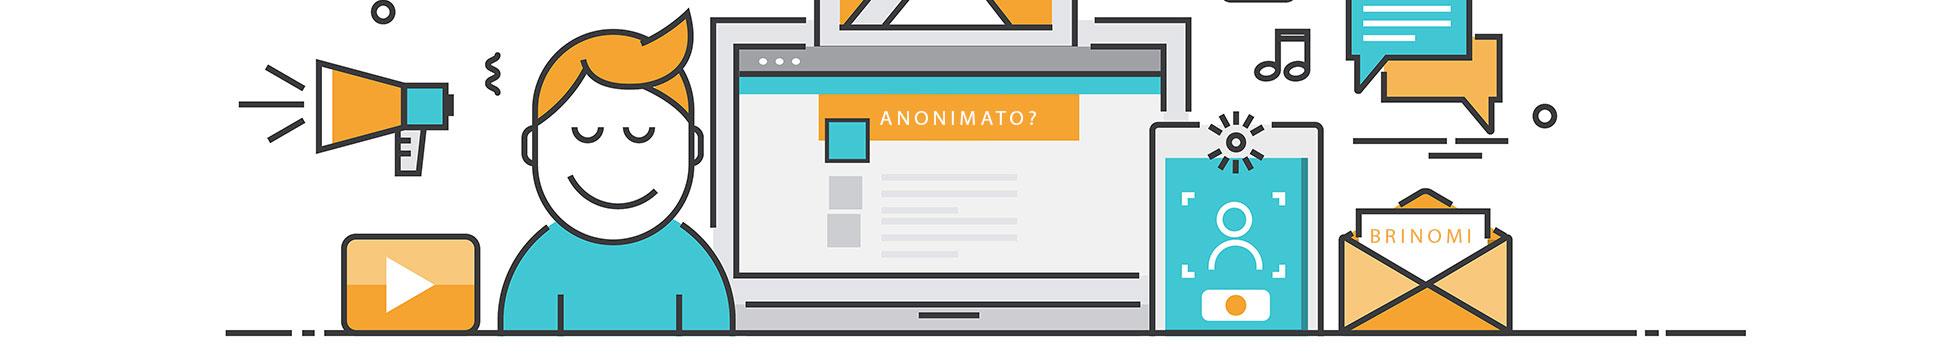 sobre anonimato aos donos de site